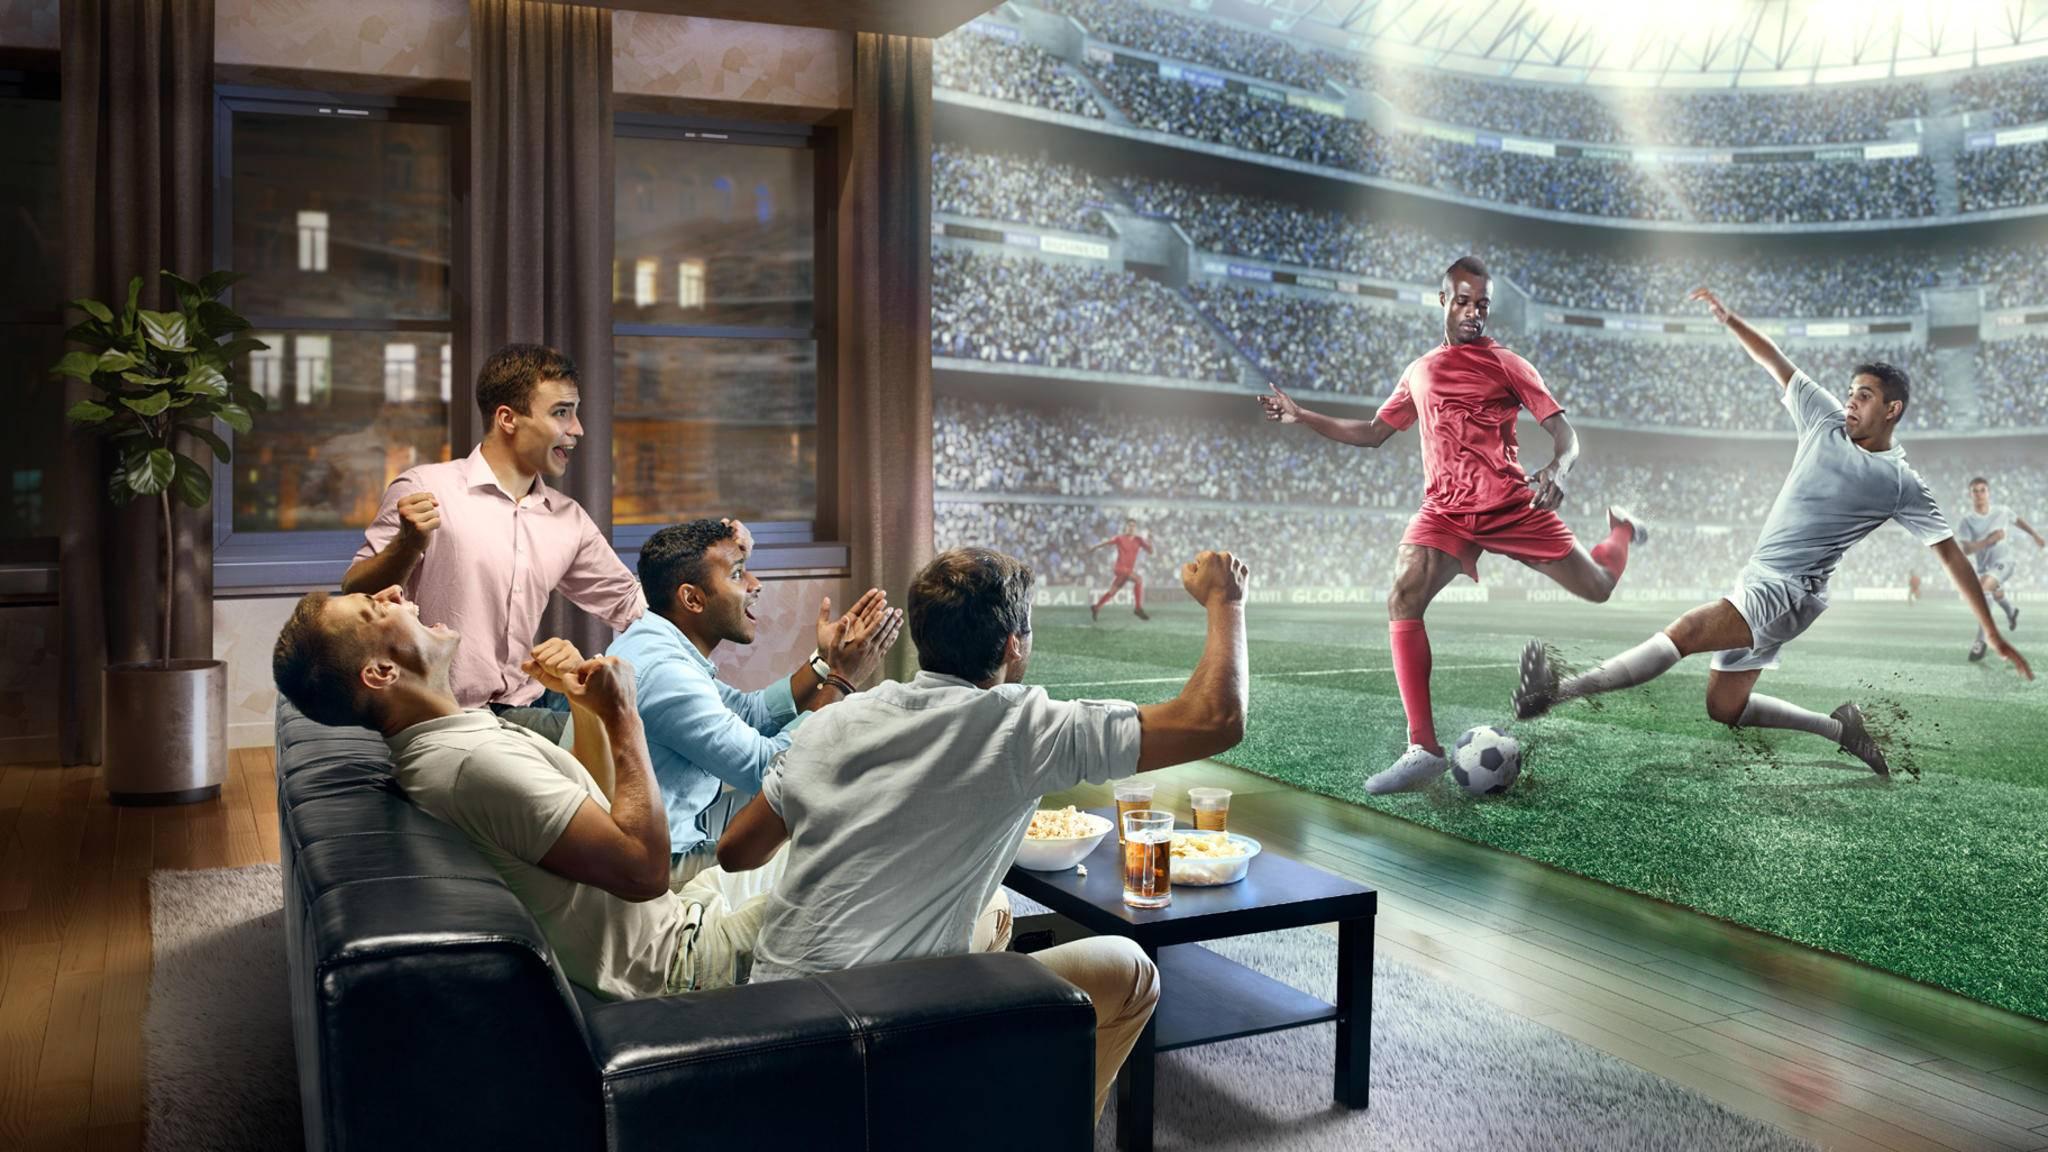 Viele Spiele der Fußball WM 2018 können sogar in scharfer UHD-Auflösung geschaut werden.